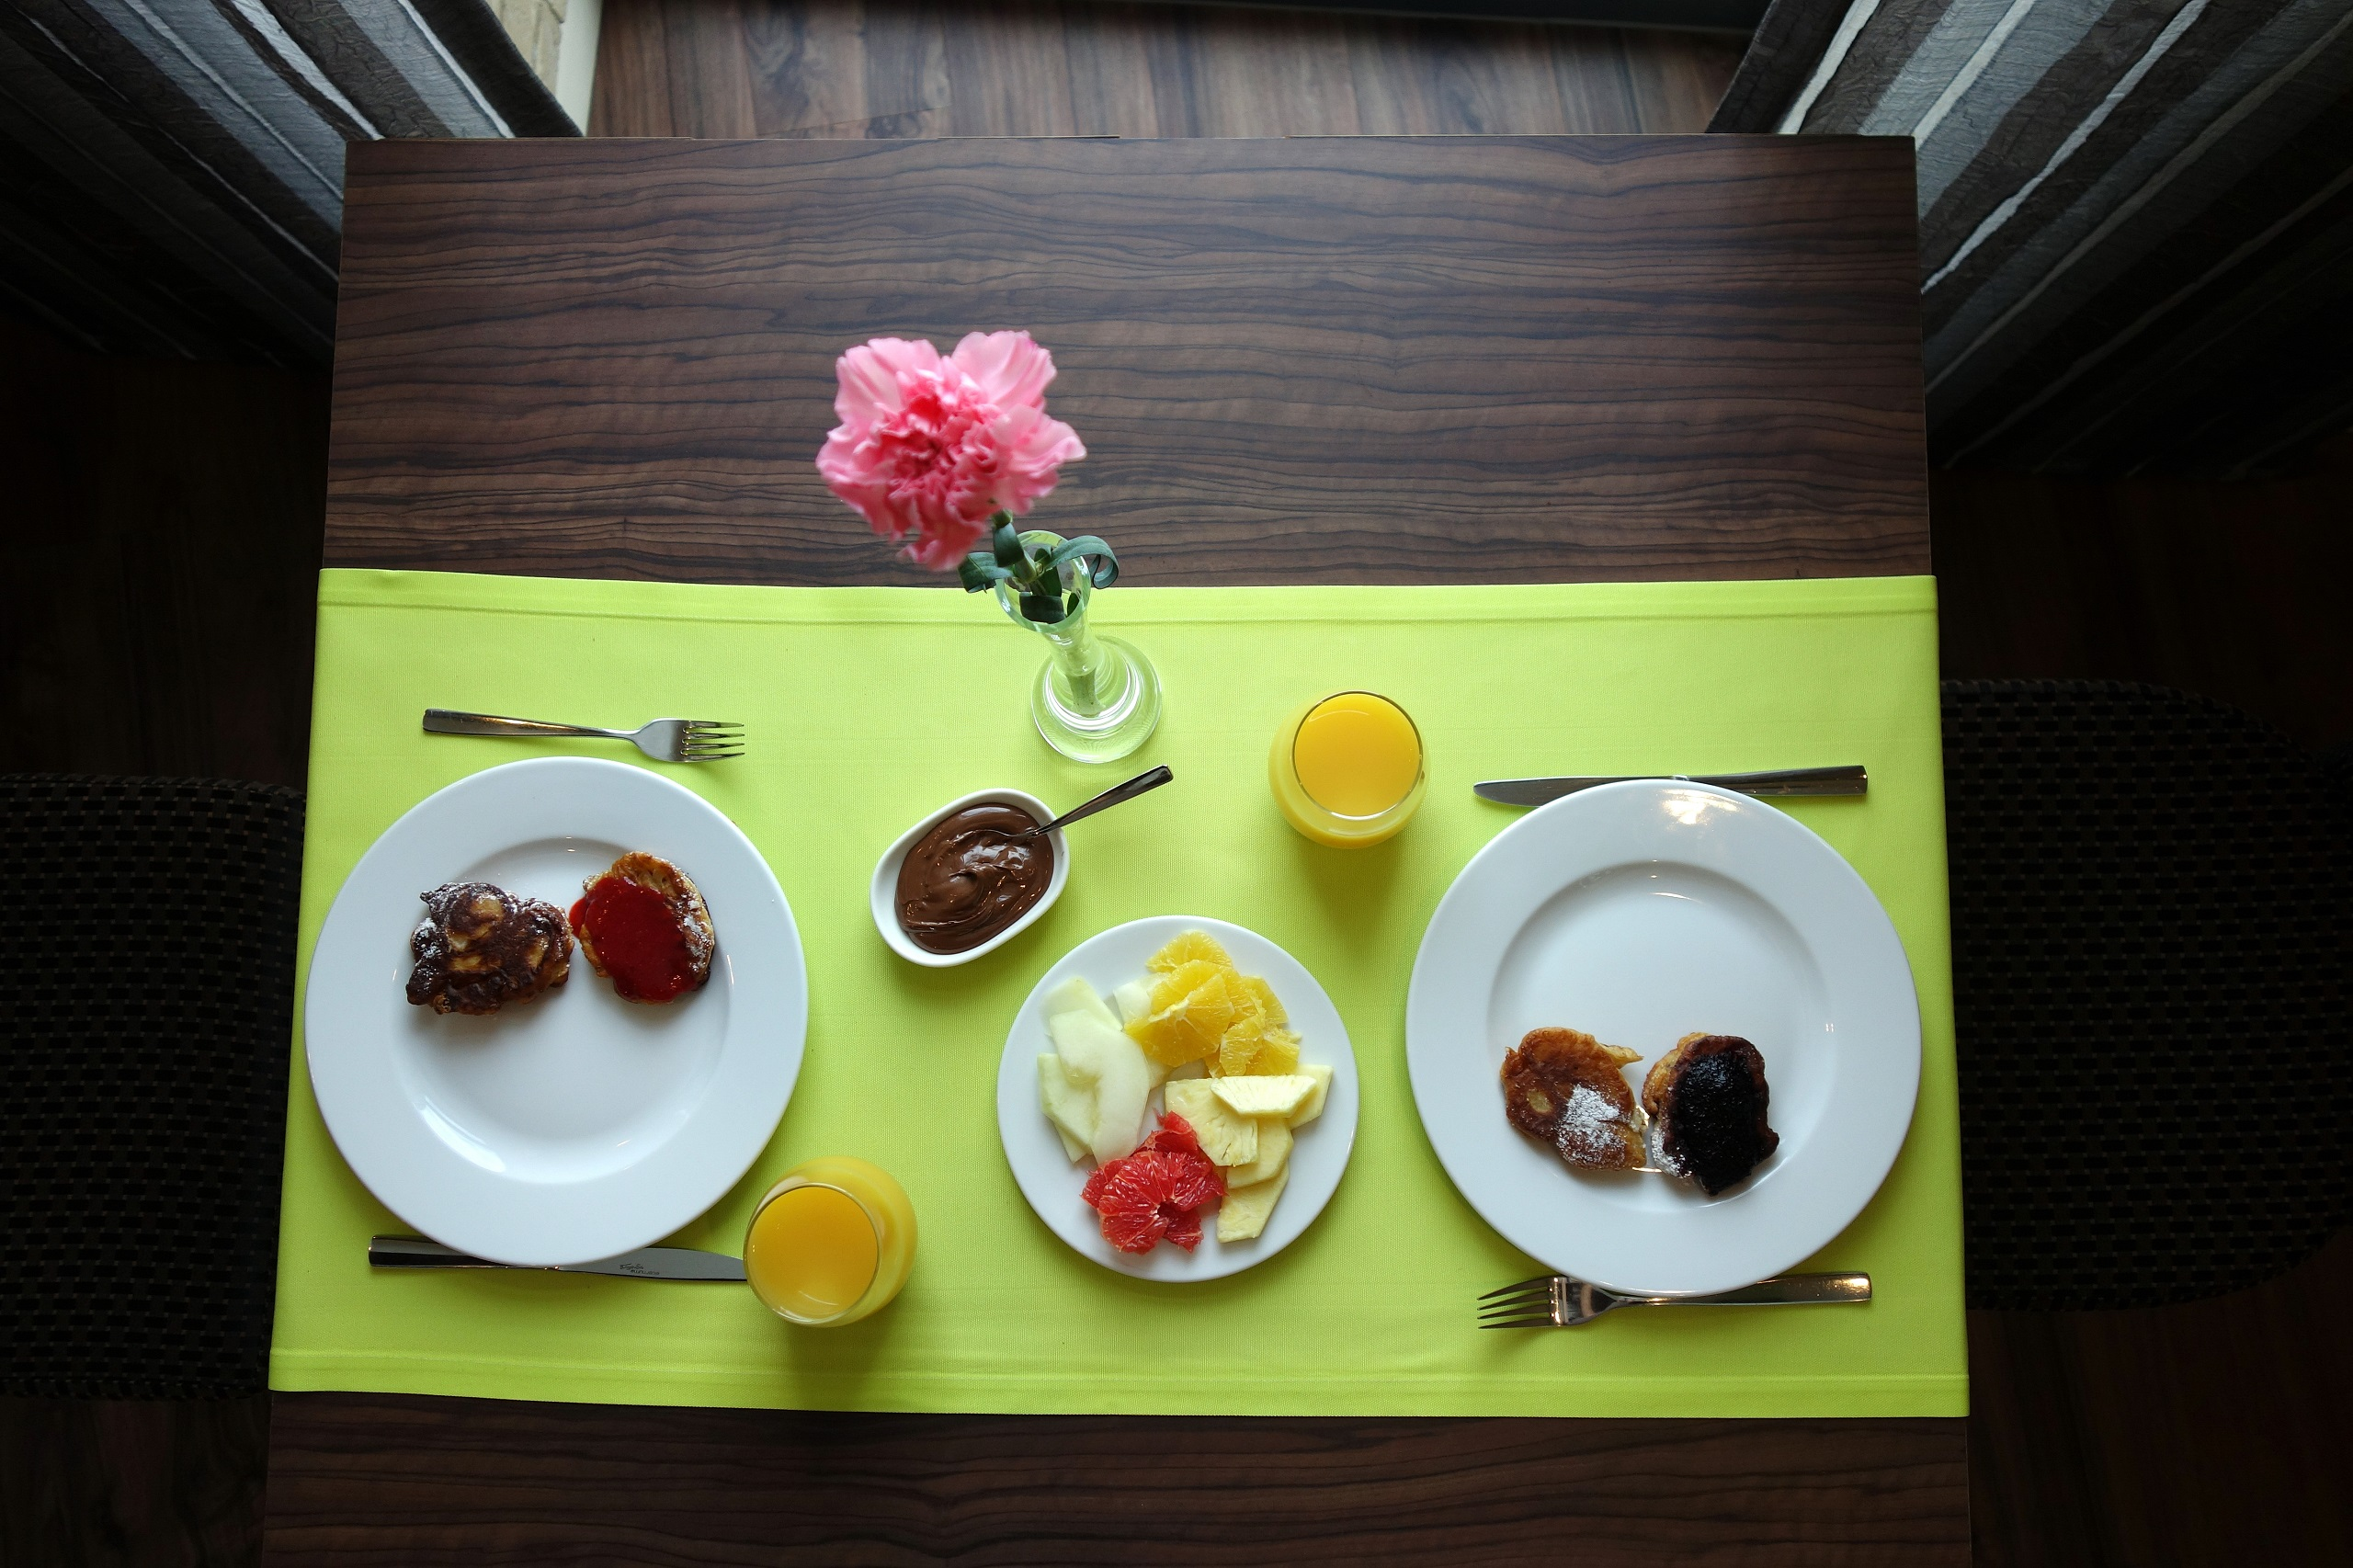 Śniadanie w Hotelu Loft 1898 - Suwałki